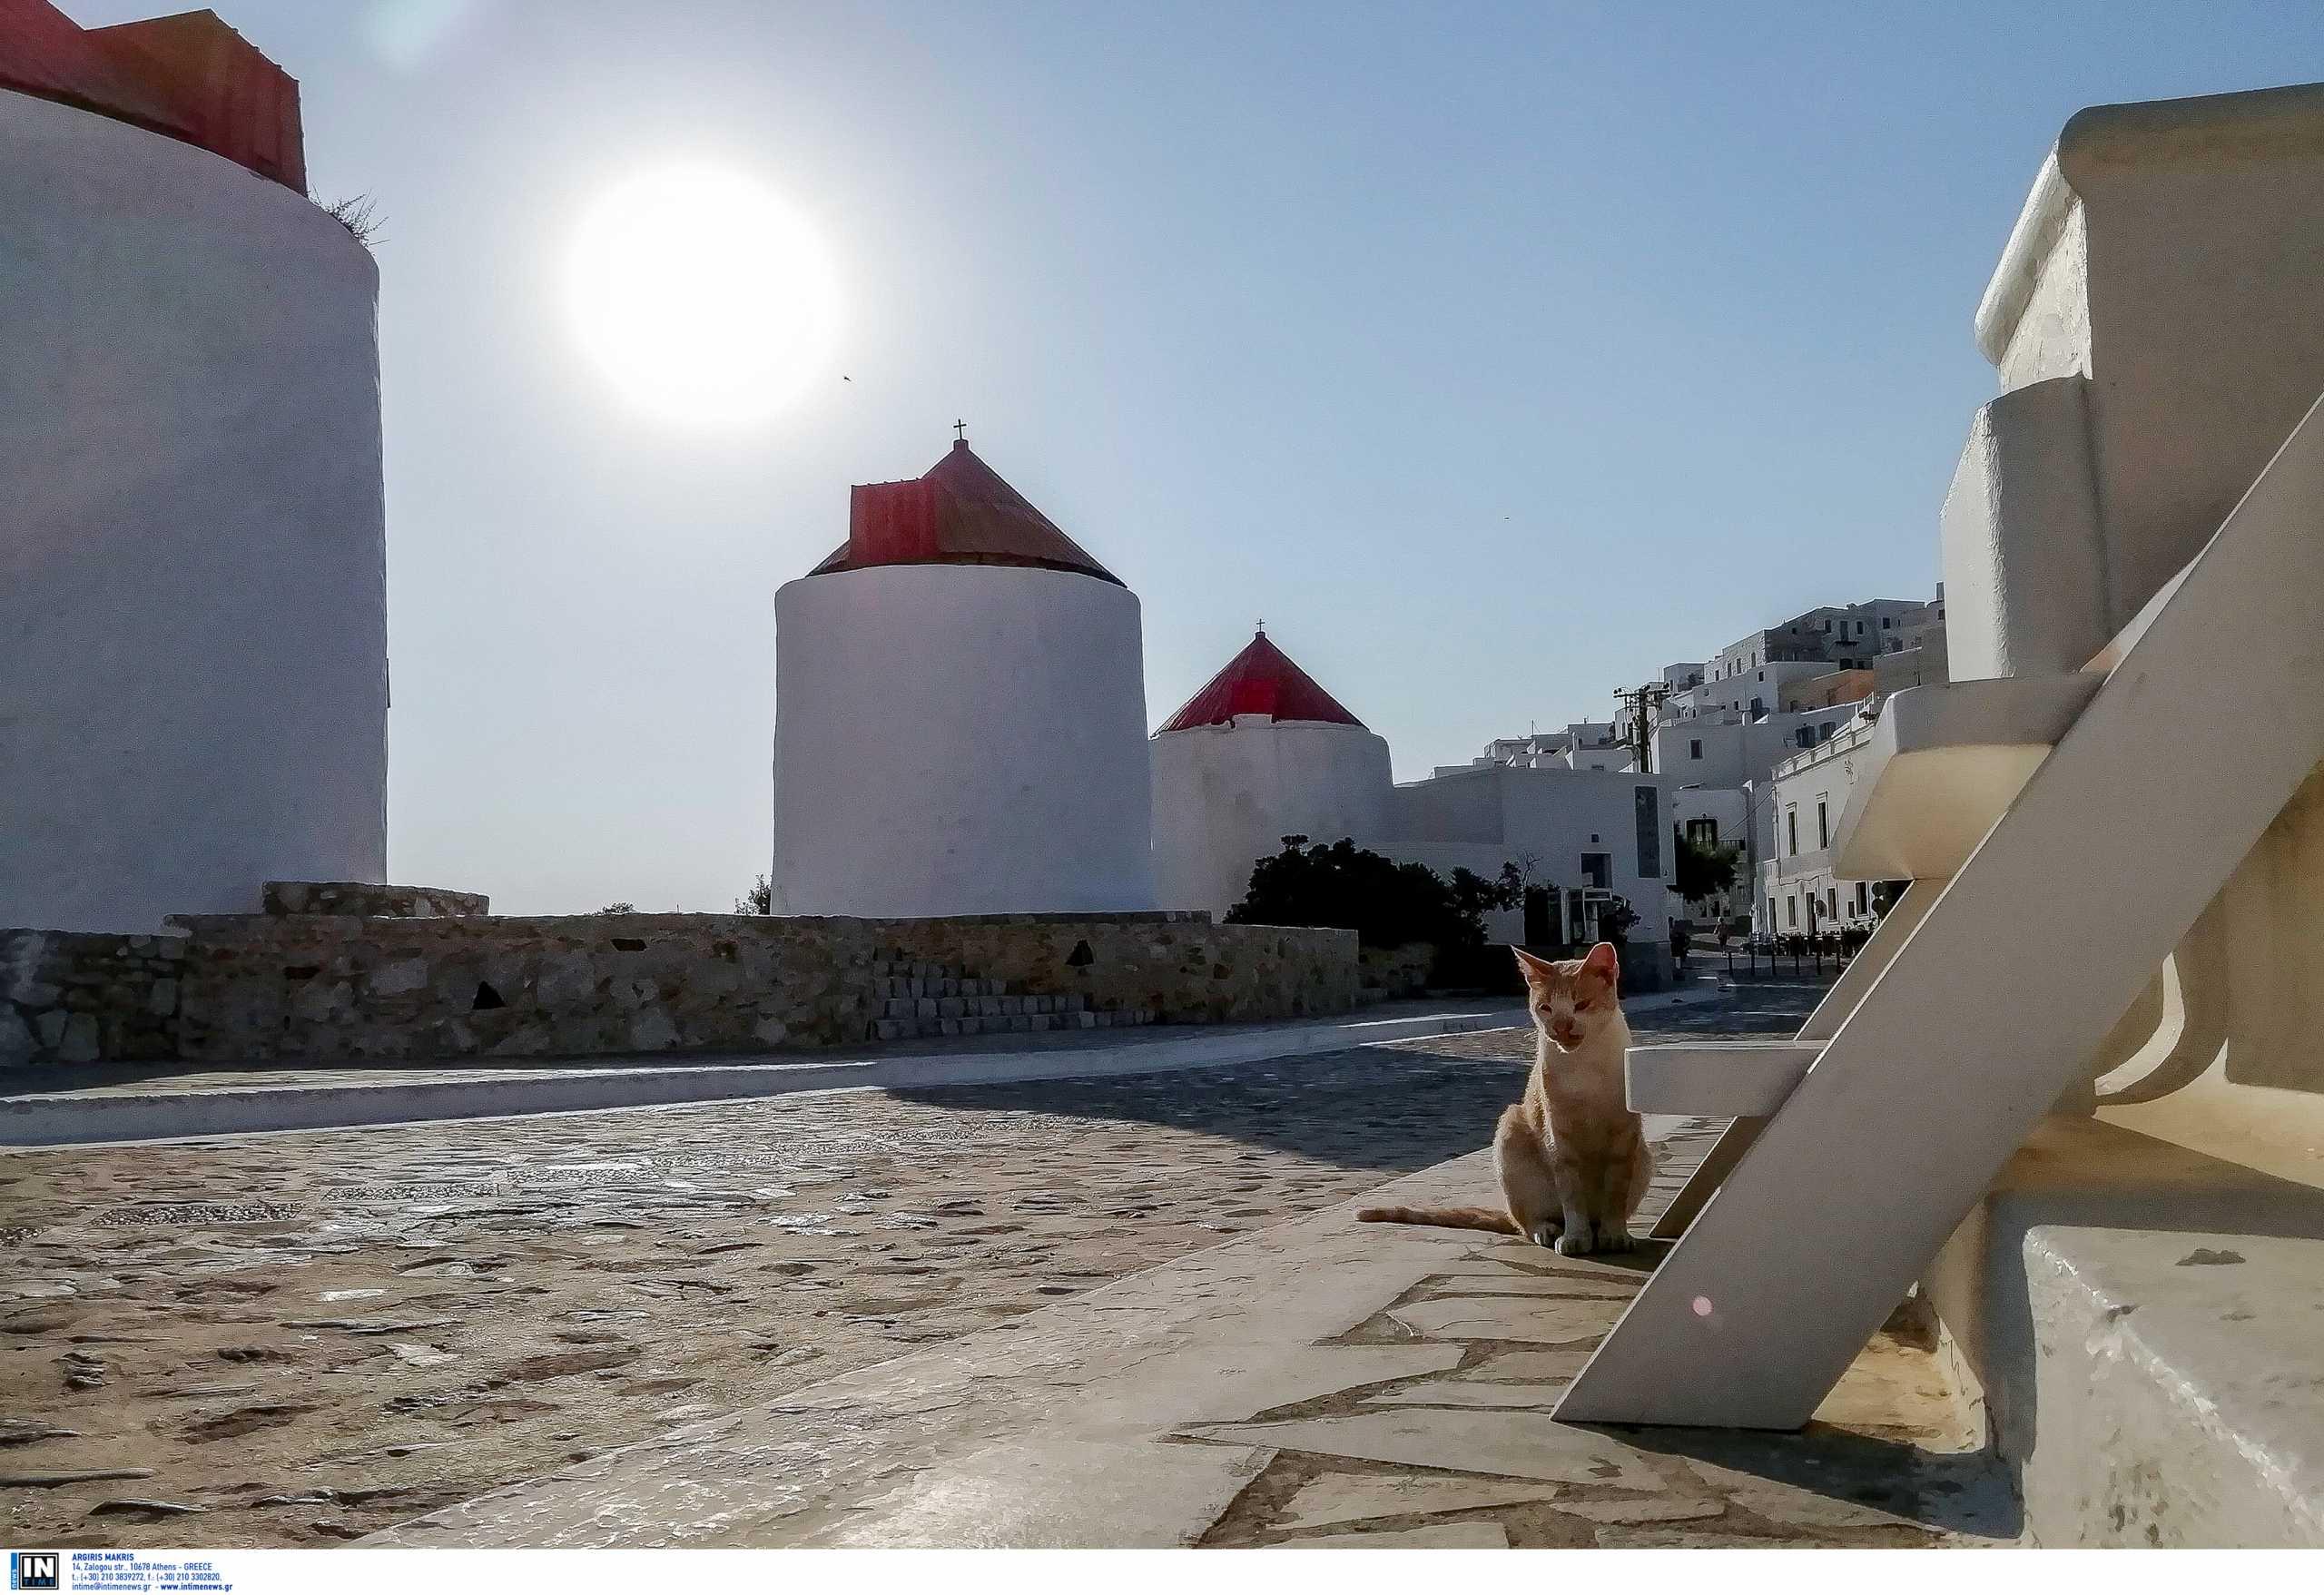 Αστυπάλαια: Το πρώτο «smart και πράσινο» νησί στη Μεσόγειο – Τι είναι η πλατφόρμα e-astypalea